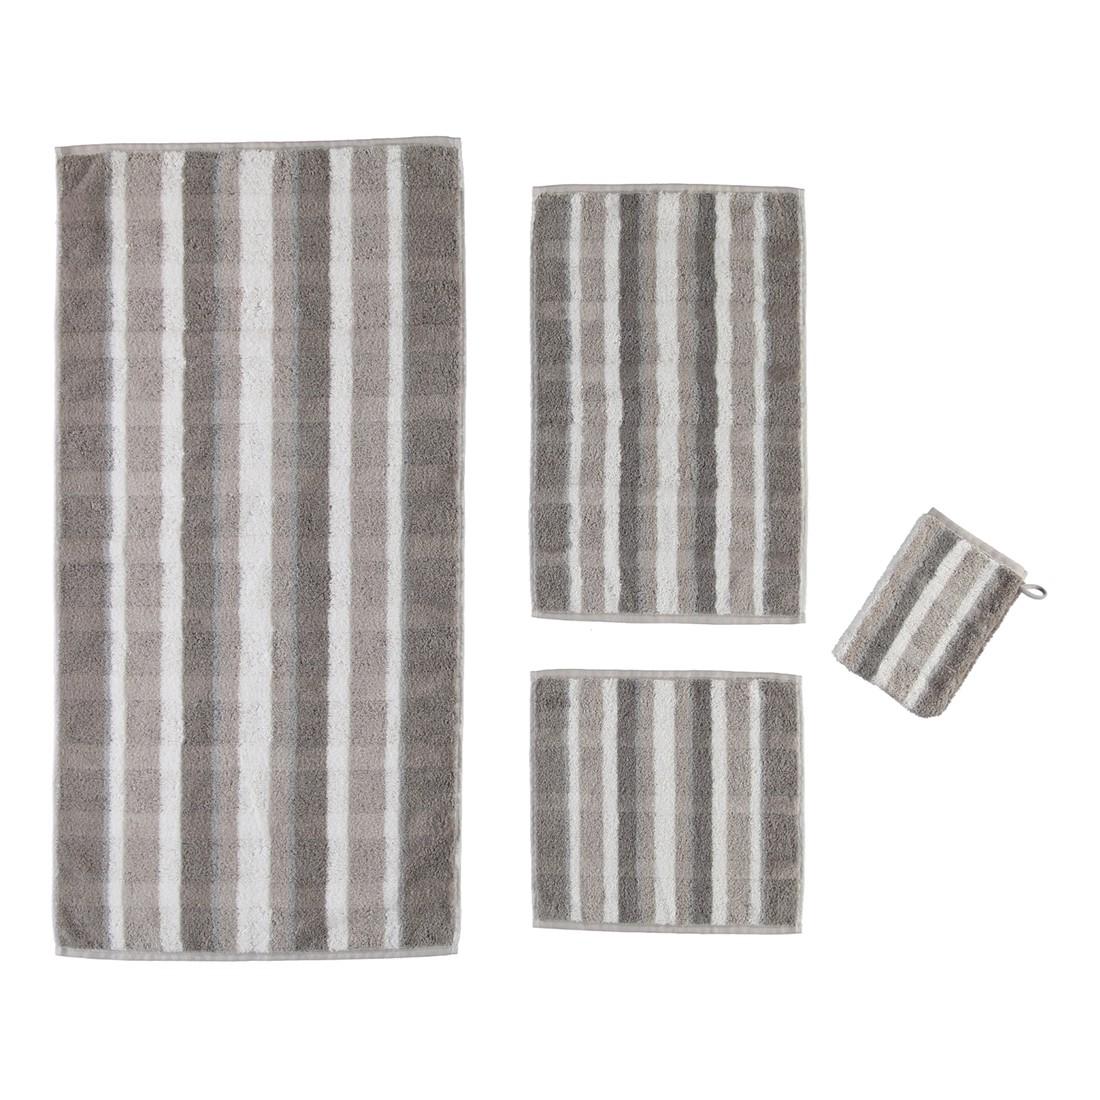 Handtuch Noblesse Perlmutt – 100% Baumwolle taupe – 33 – Handtuch: 50 x 100 cm, Cawö bestellen